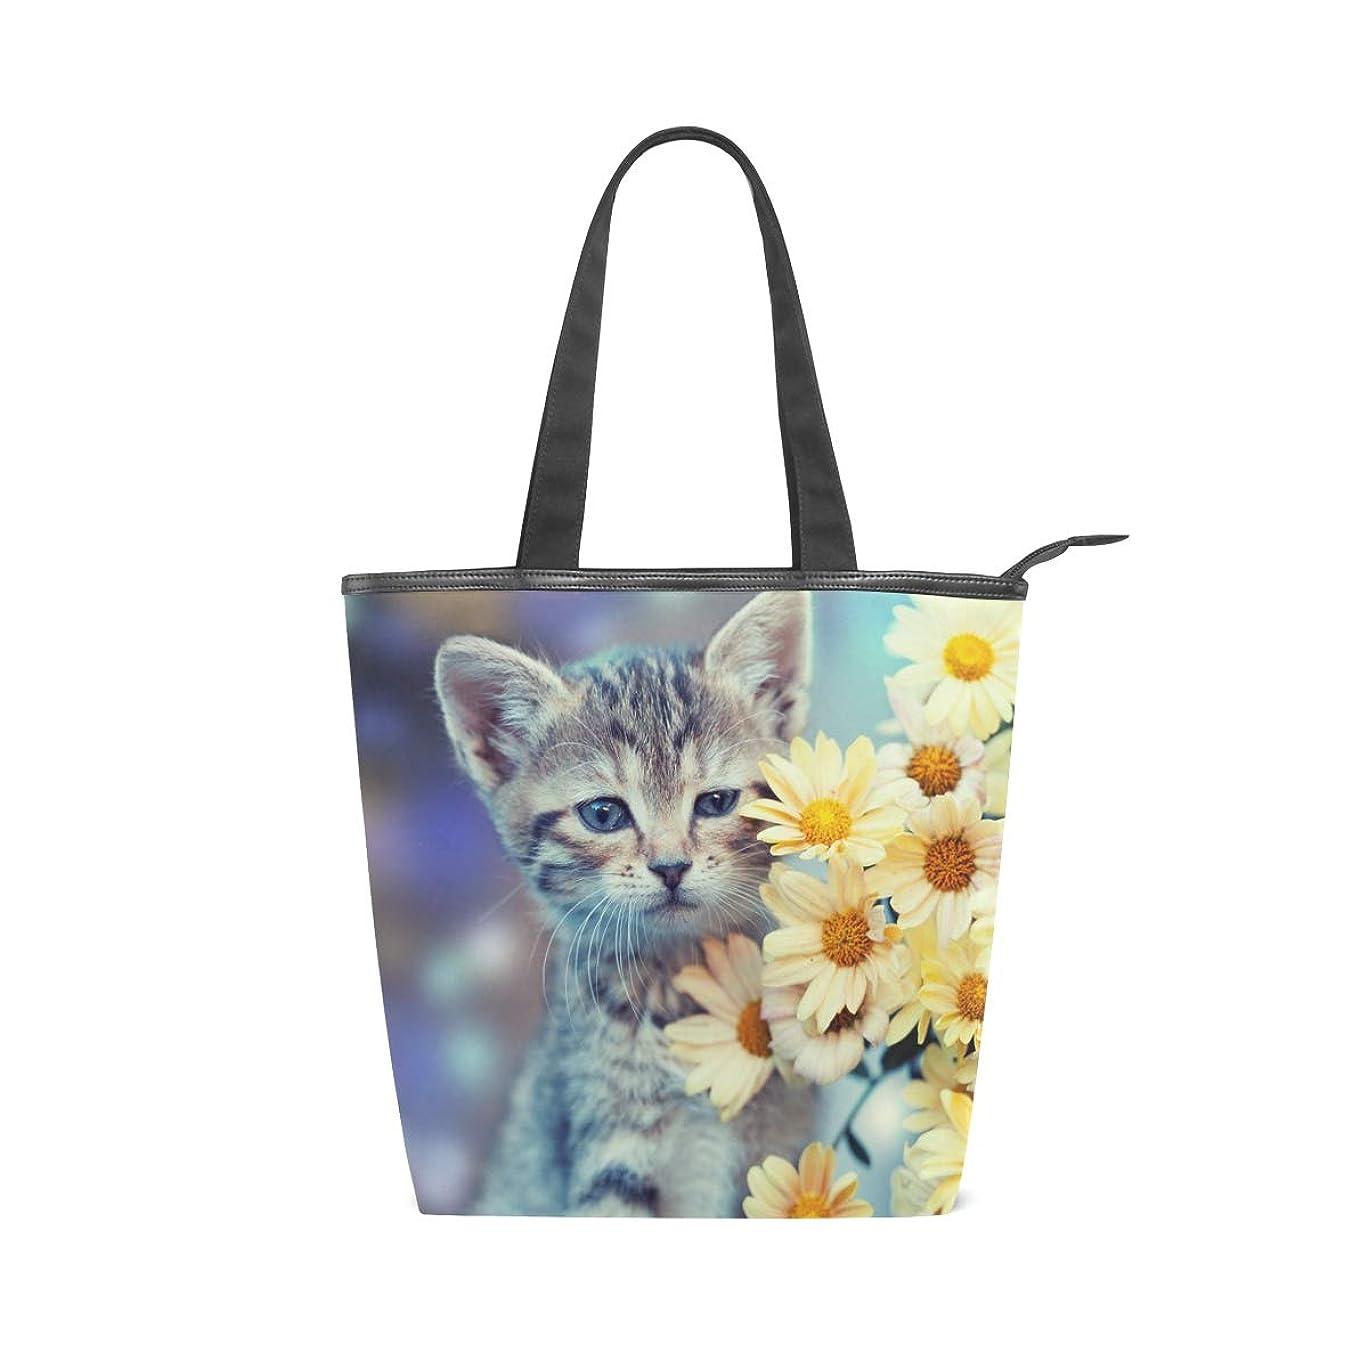 見てネストスツールキャンバスバッグ トートバッグ ハンドバッグ 手提げ 子猫と花柄 可愛い 大容量 通勤通学 メンズ レディース